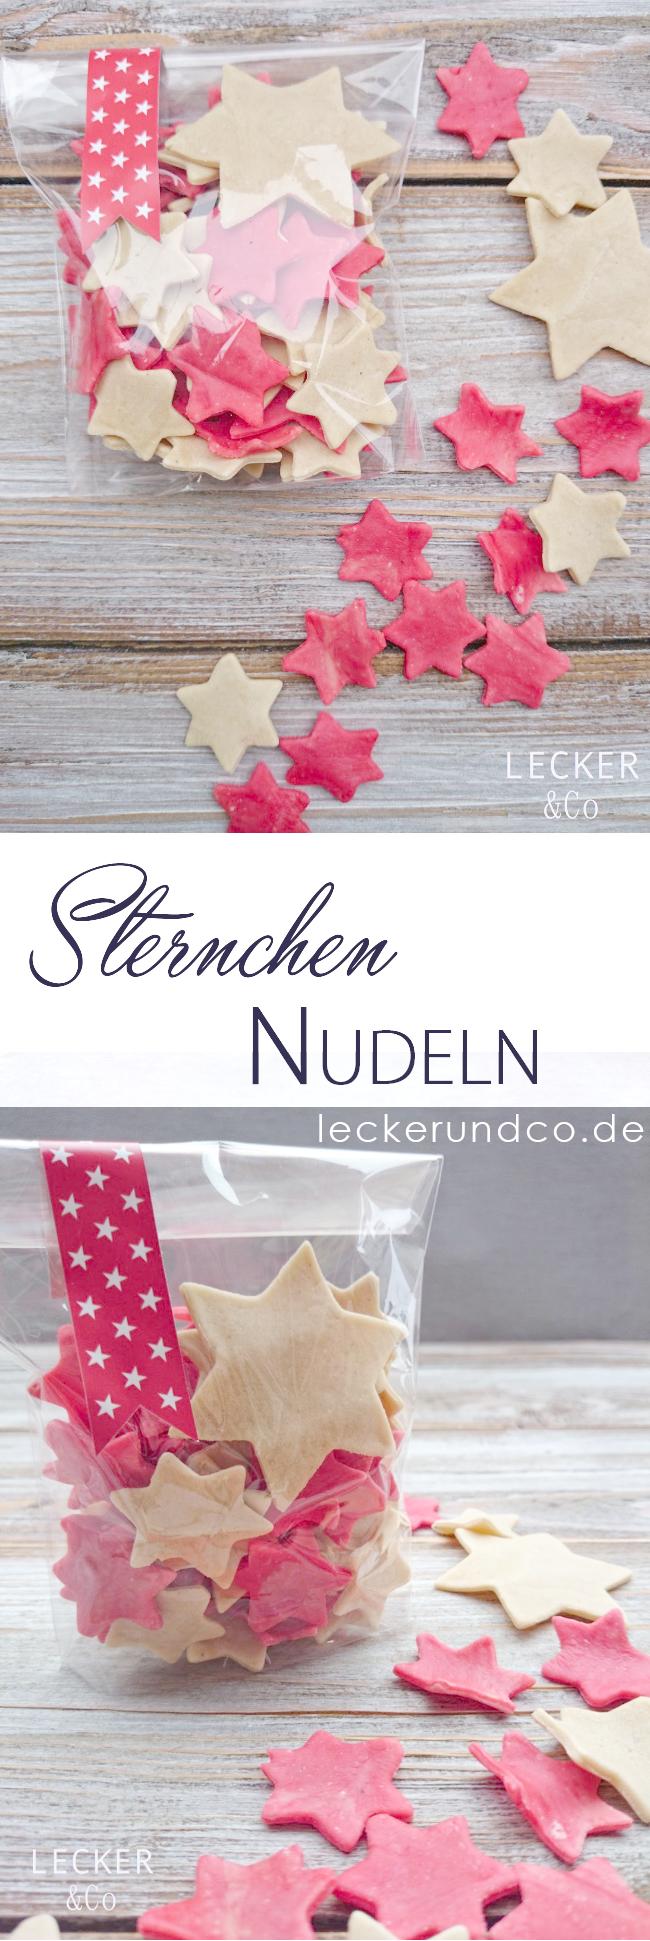 Sternchen-Nudeln - selbstgemachte Pasta | LECKER&Co | Foodblog aus Nürnberg